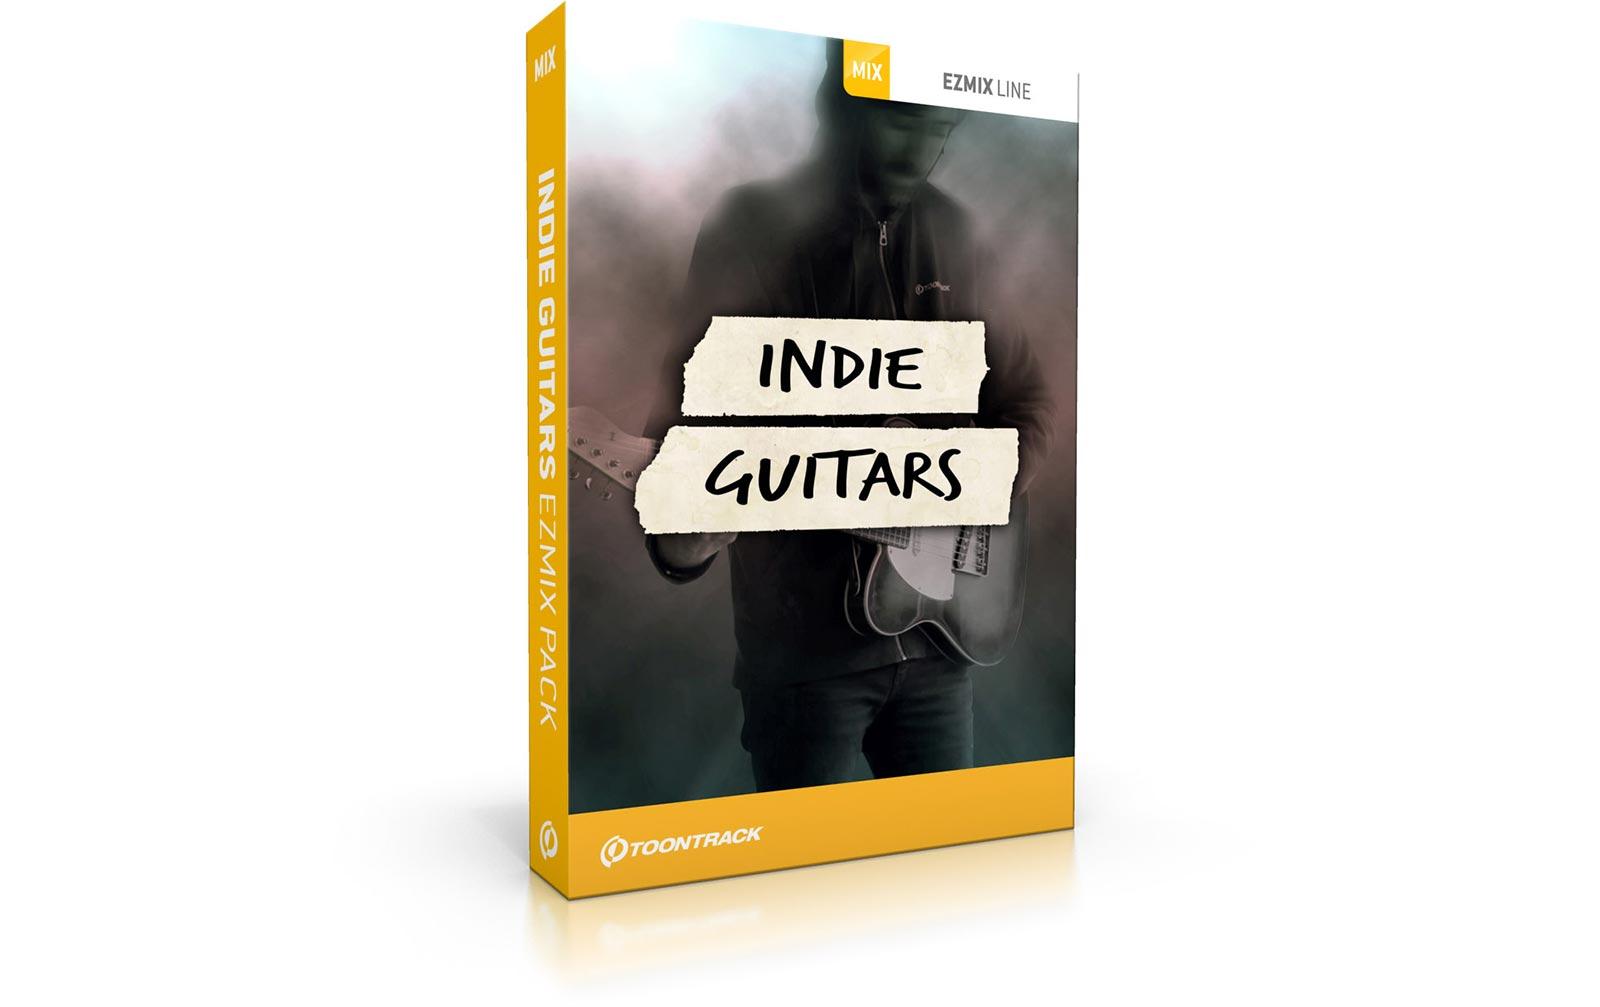 toontrack-indie-guitars-ezmix-pack-download-